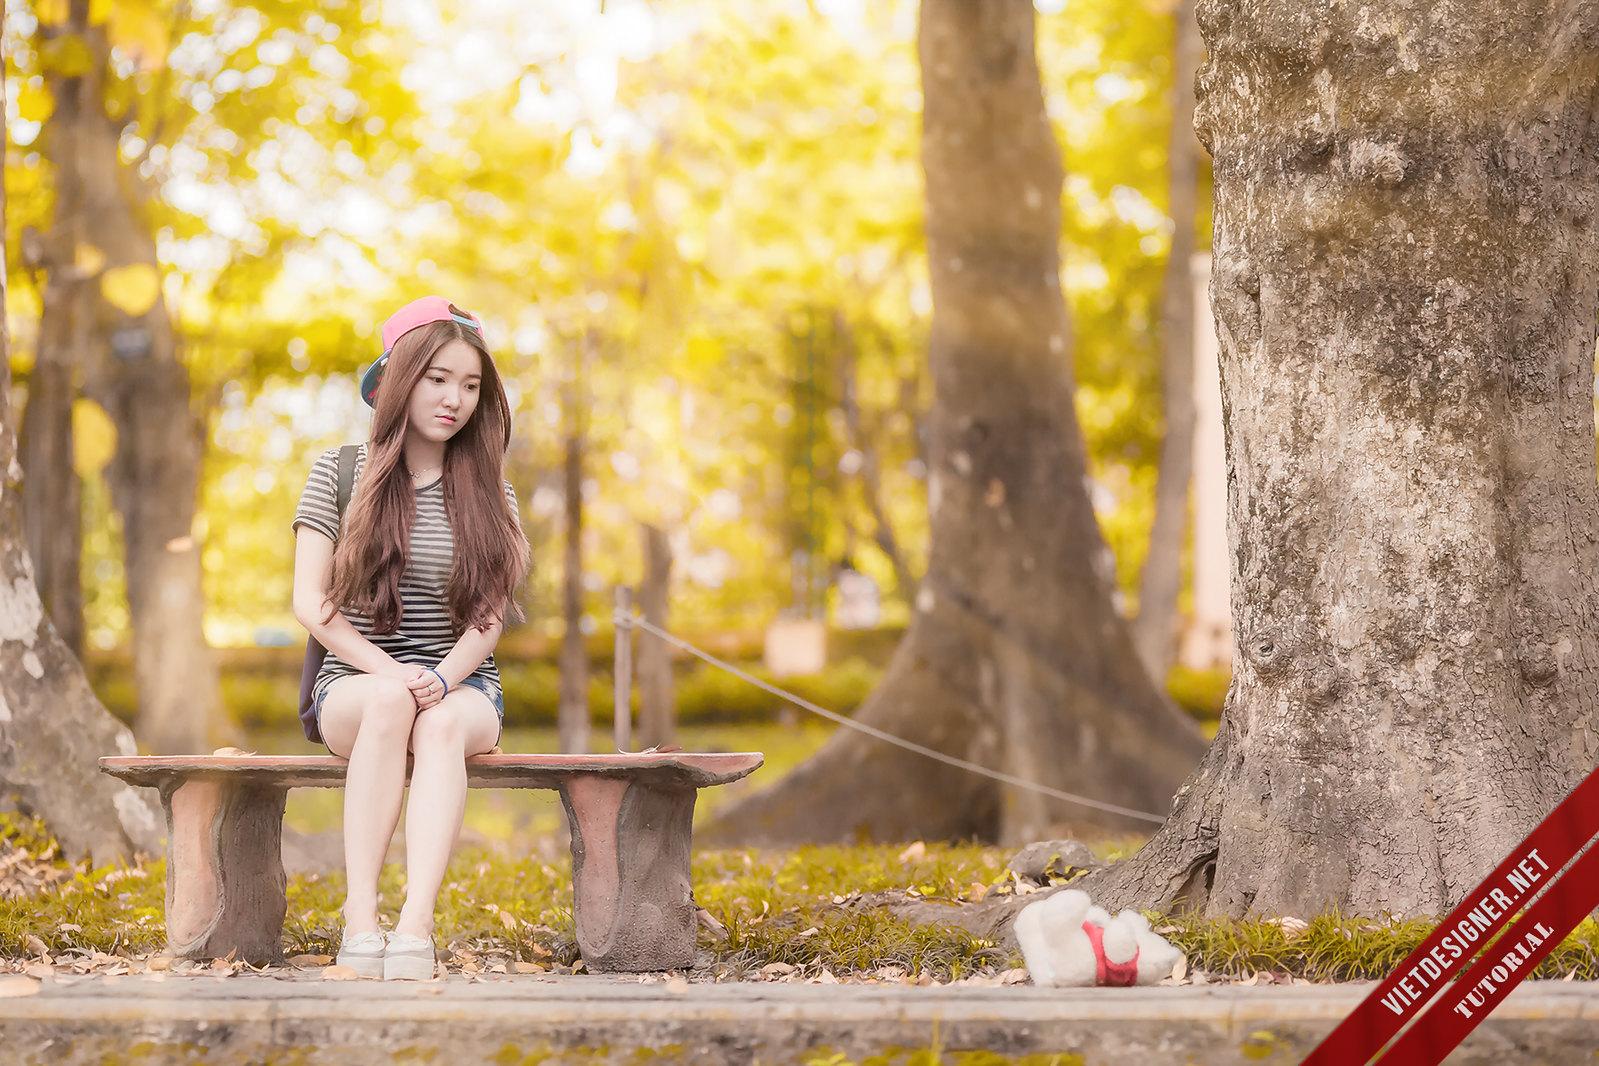 Hướng dẫn blend màu nắng vàng óng ả kết hợp Photoshop và Lightroom